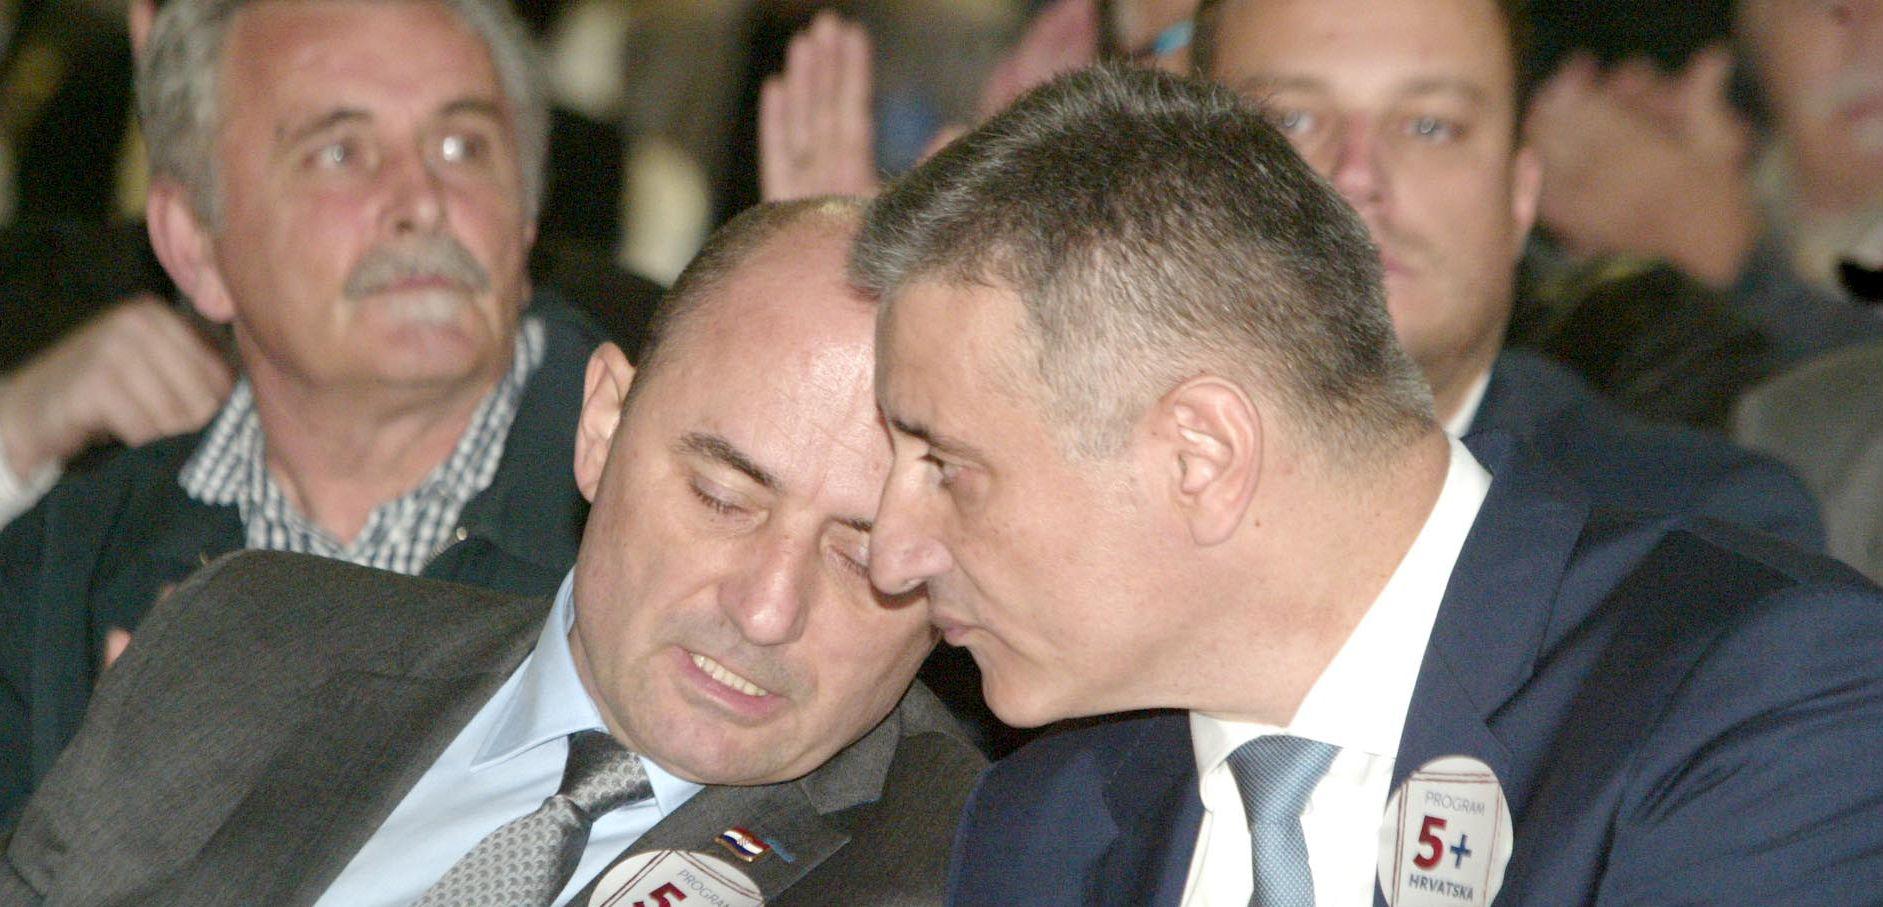 Tužiteljstvo BiH ipak istraživalo Brkića zbog ubojstva srpskog civila u Livnu 1992.